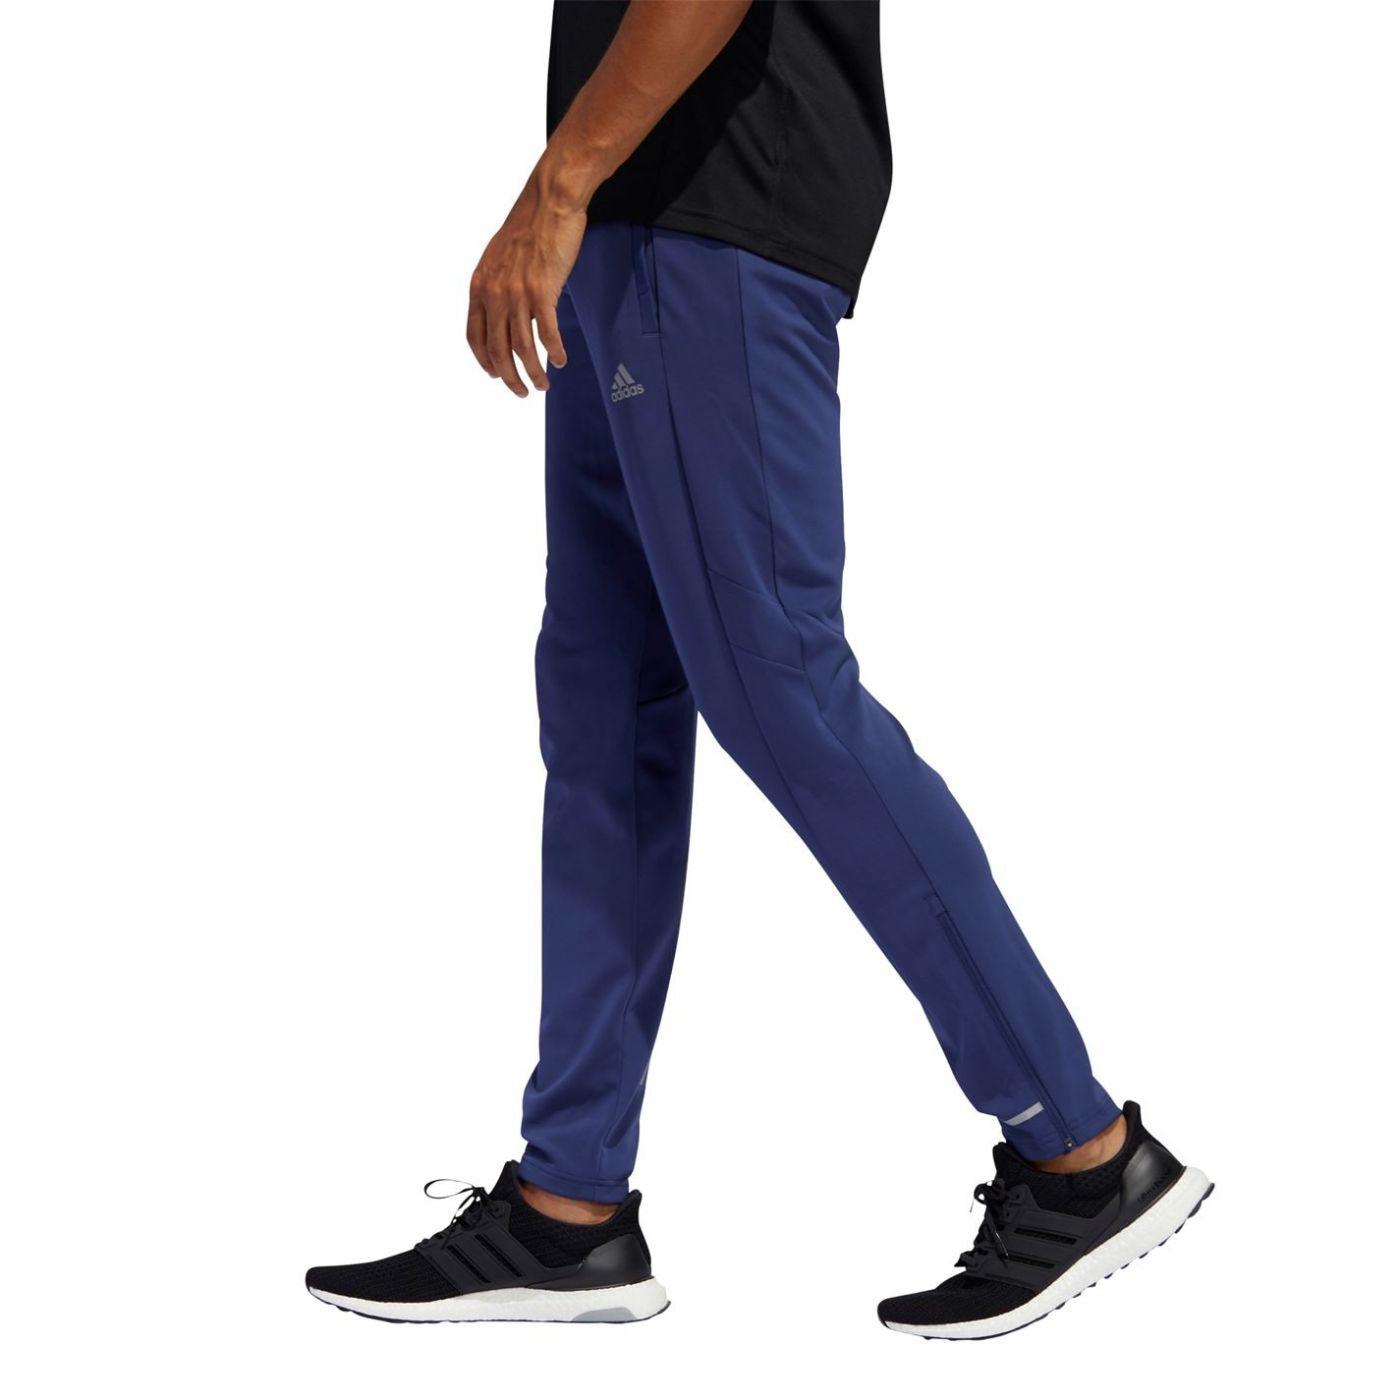 Adidas Sr Running Tights Mens